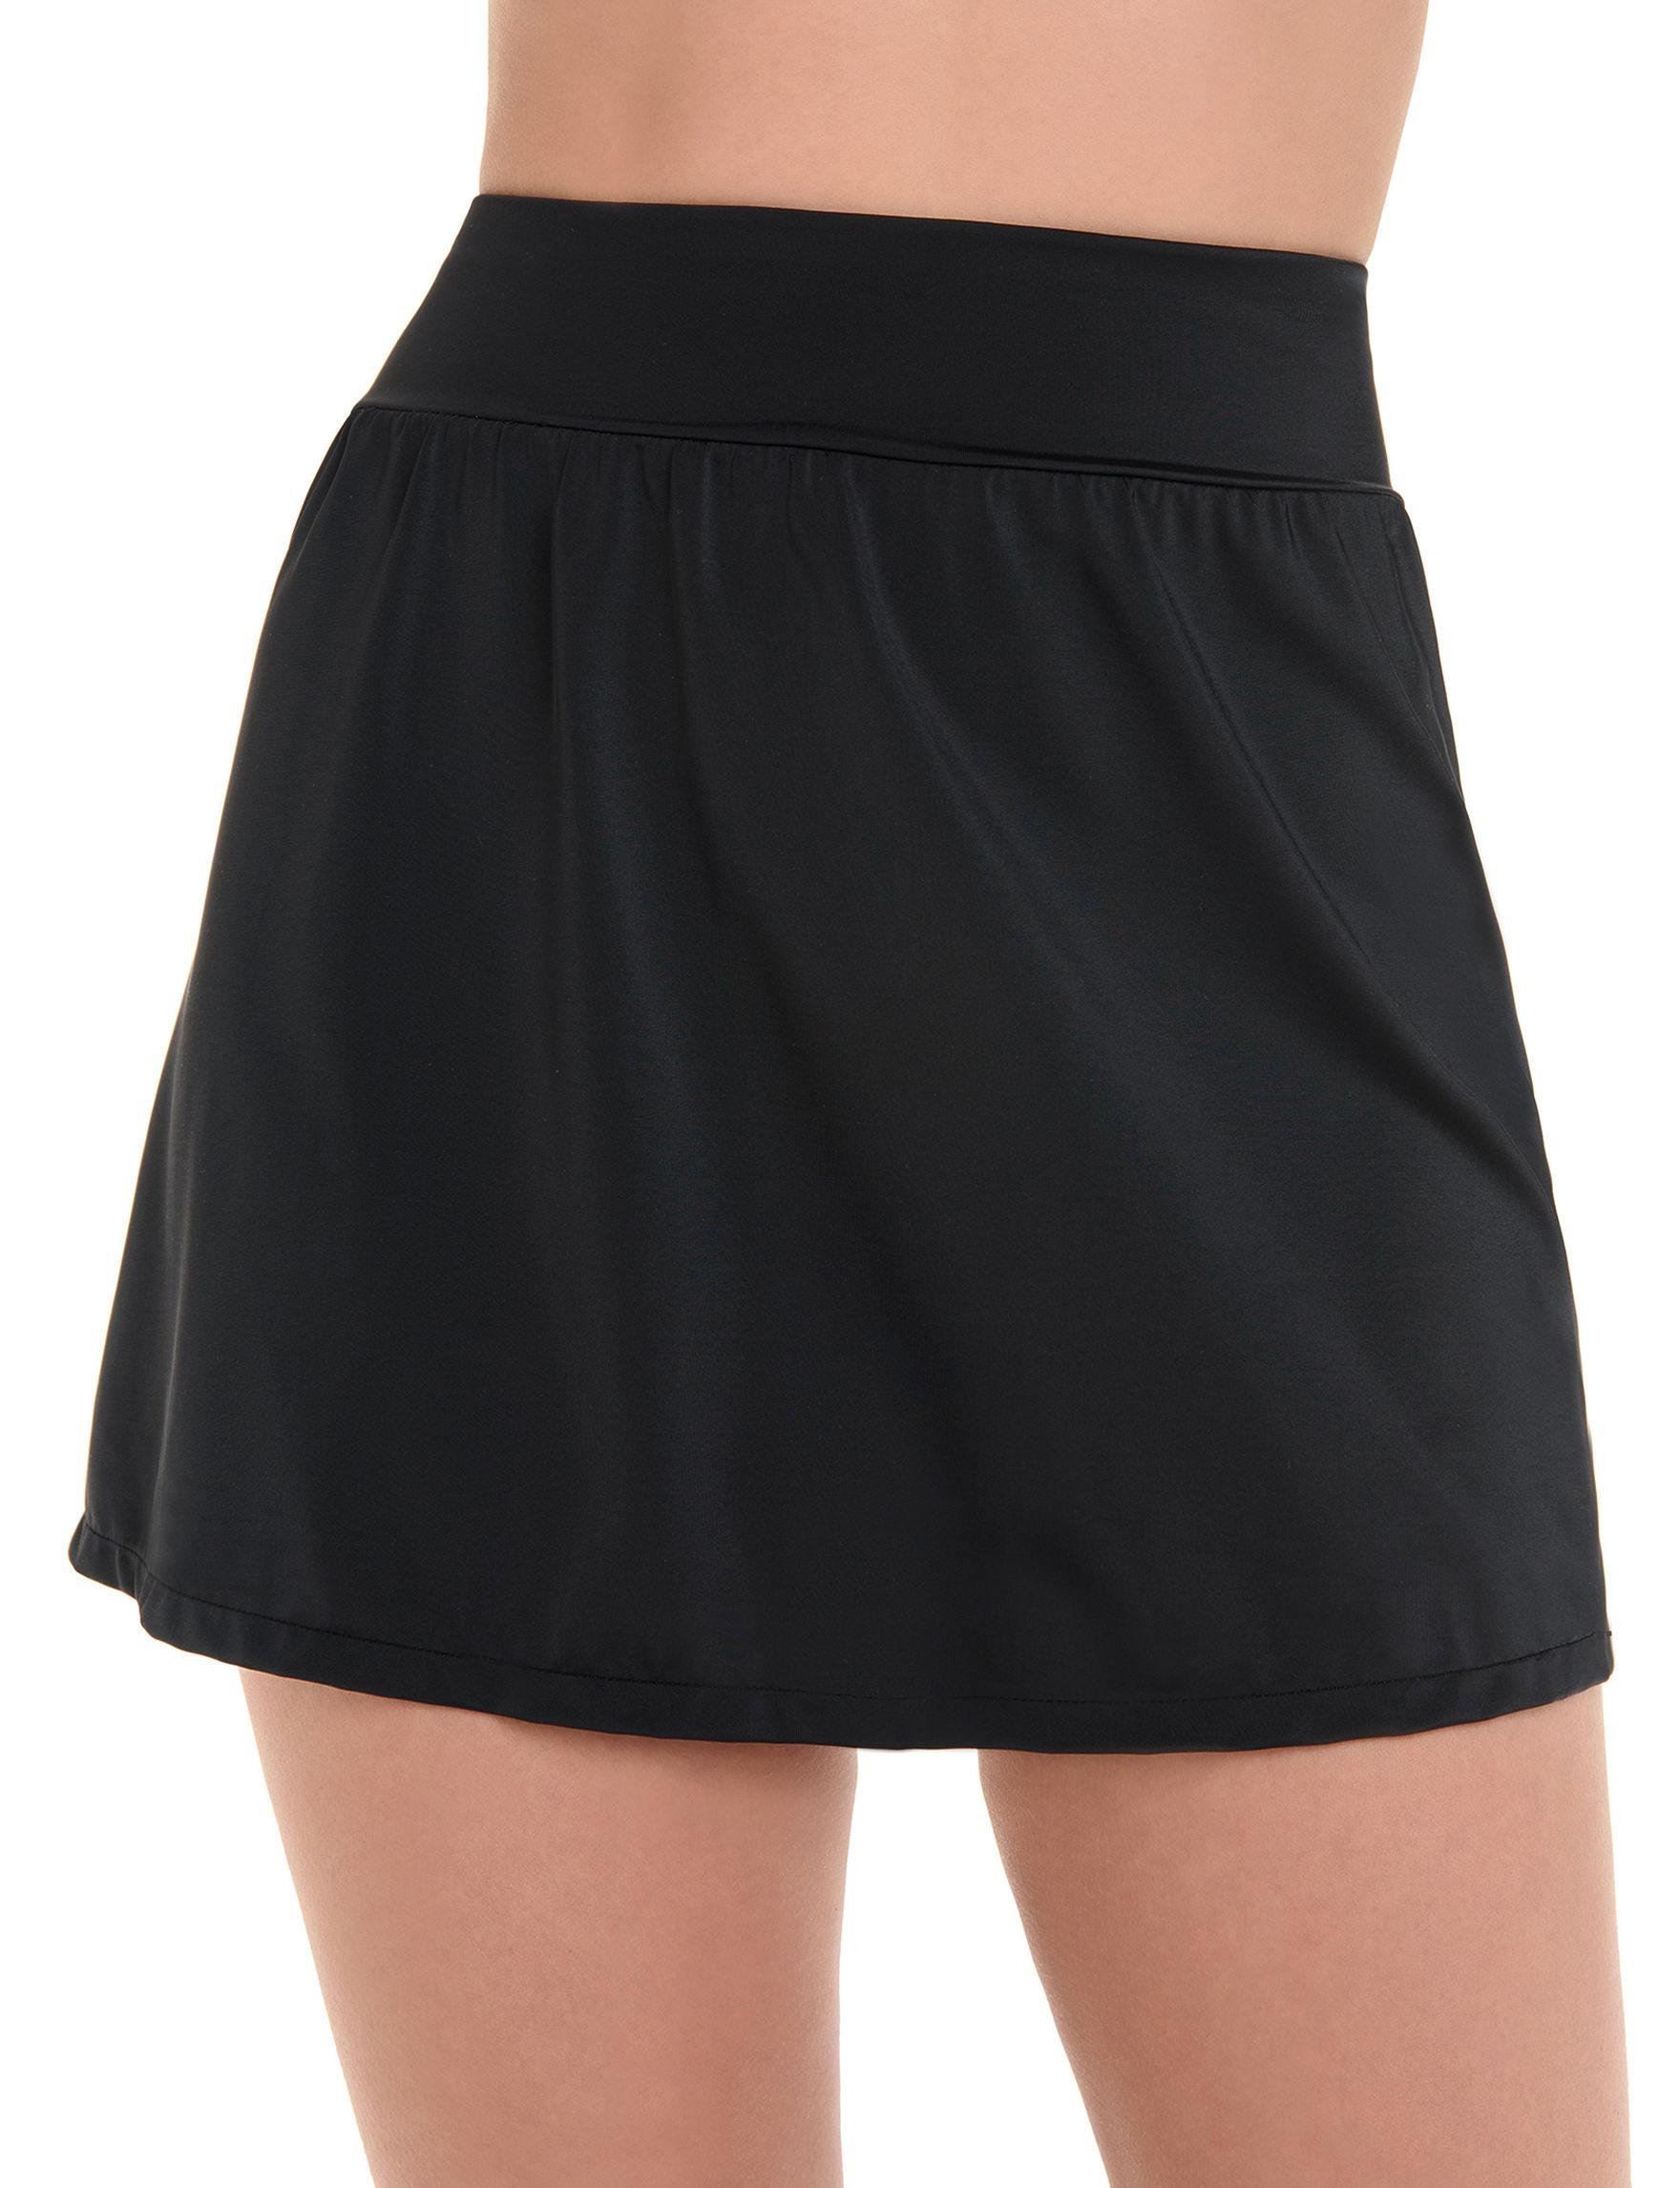 Trimshaper Black Swimsuit Bottoms Skirtini